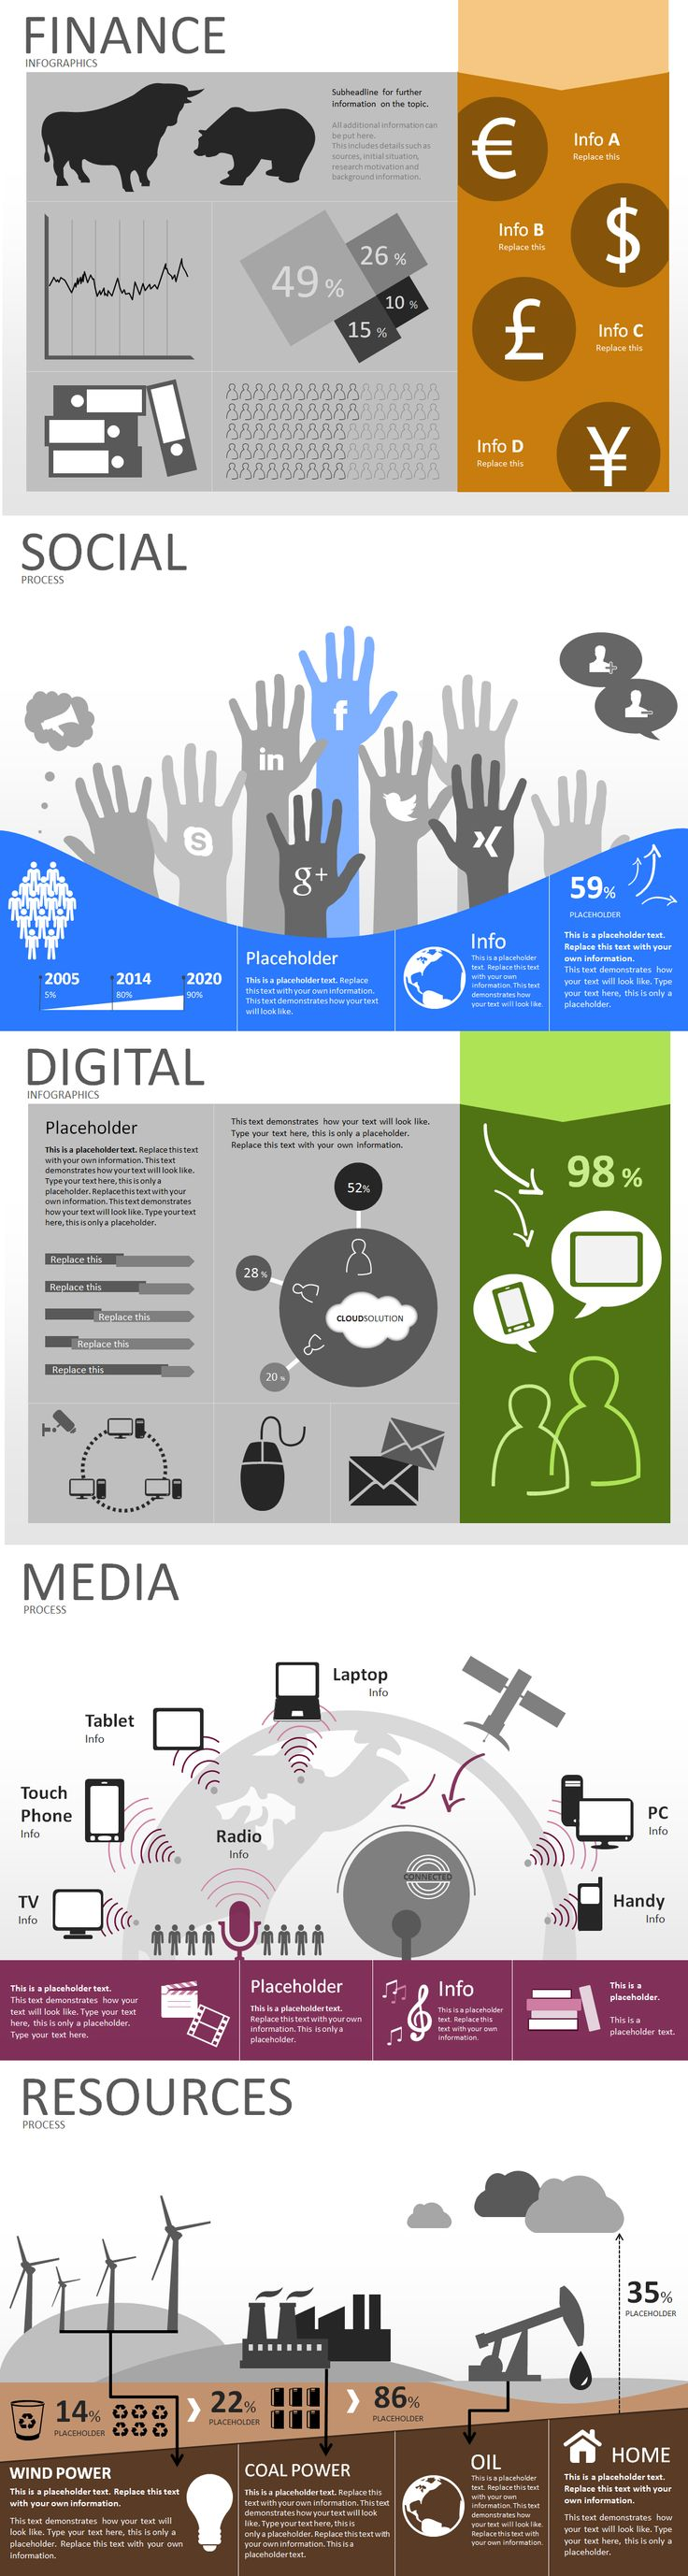 Auswahl an Folien mit Grafiken und Bildern: PowerPoint Designs für professionelle Präsentationen http://www.presentationload.de/powerpoint-charts-diagramme/grafiken-und-konzepte/ http://www.presentationload.de/branchen/